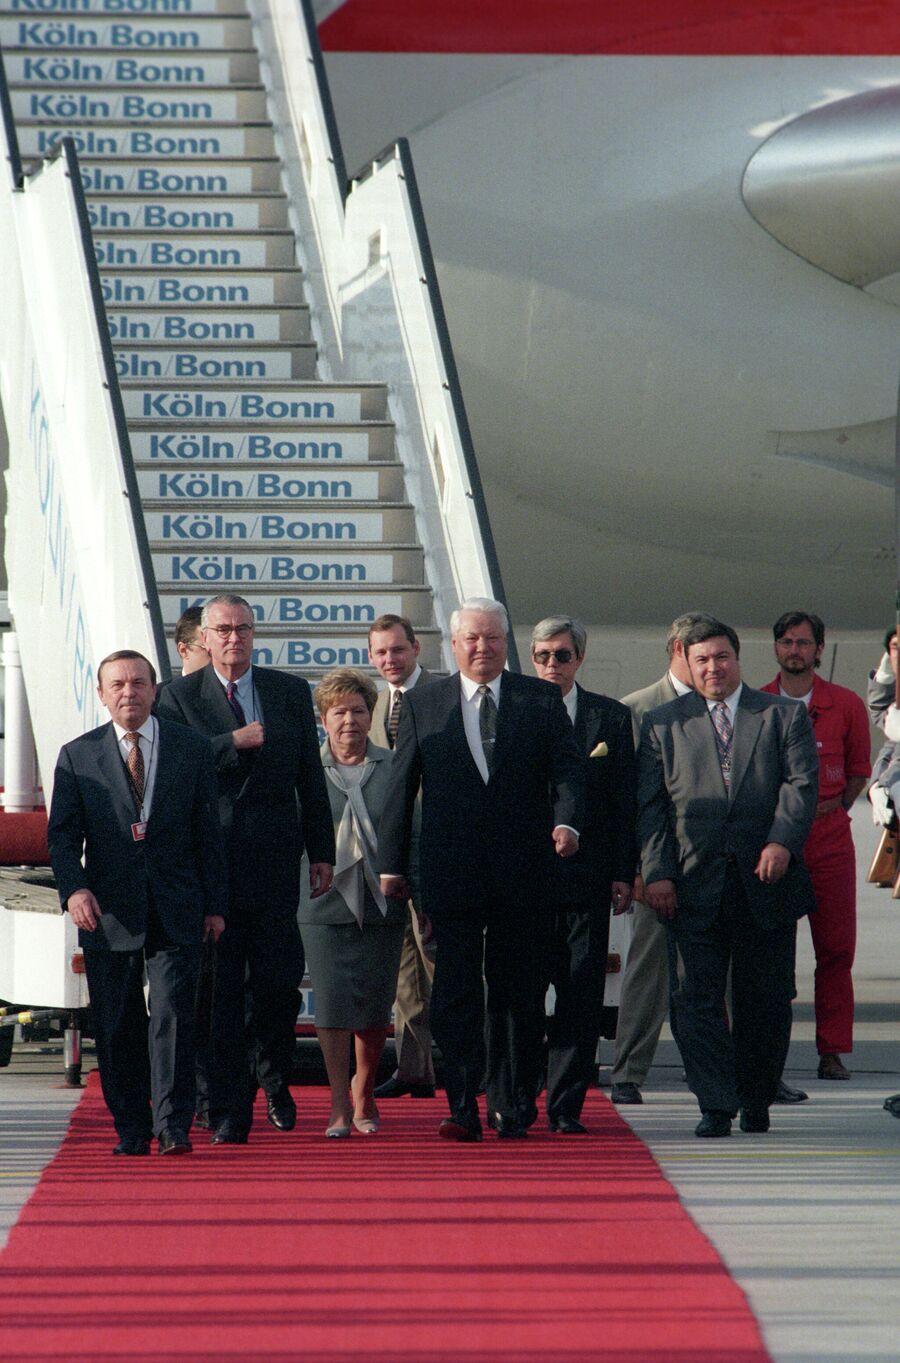 Президент РФ Борис Ельцин, прибывший в Германию в заключительный день 25-го саммита большой восьмерки в Кельне